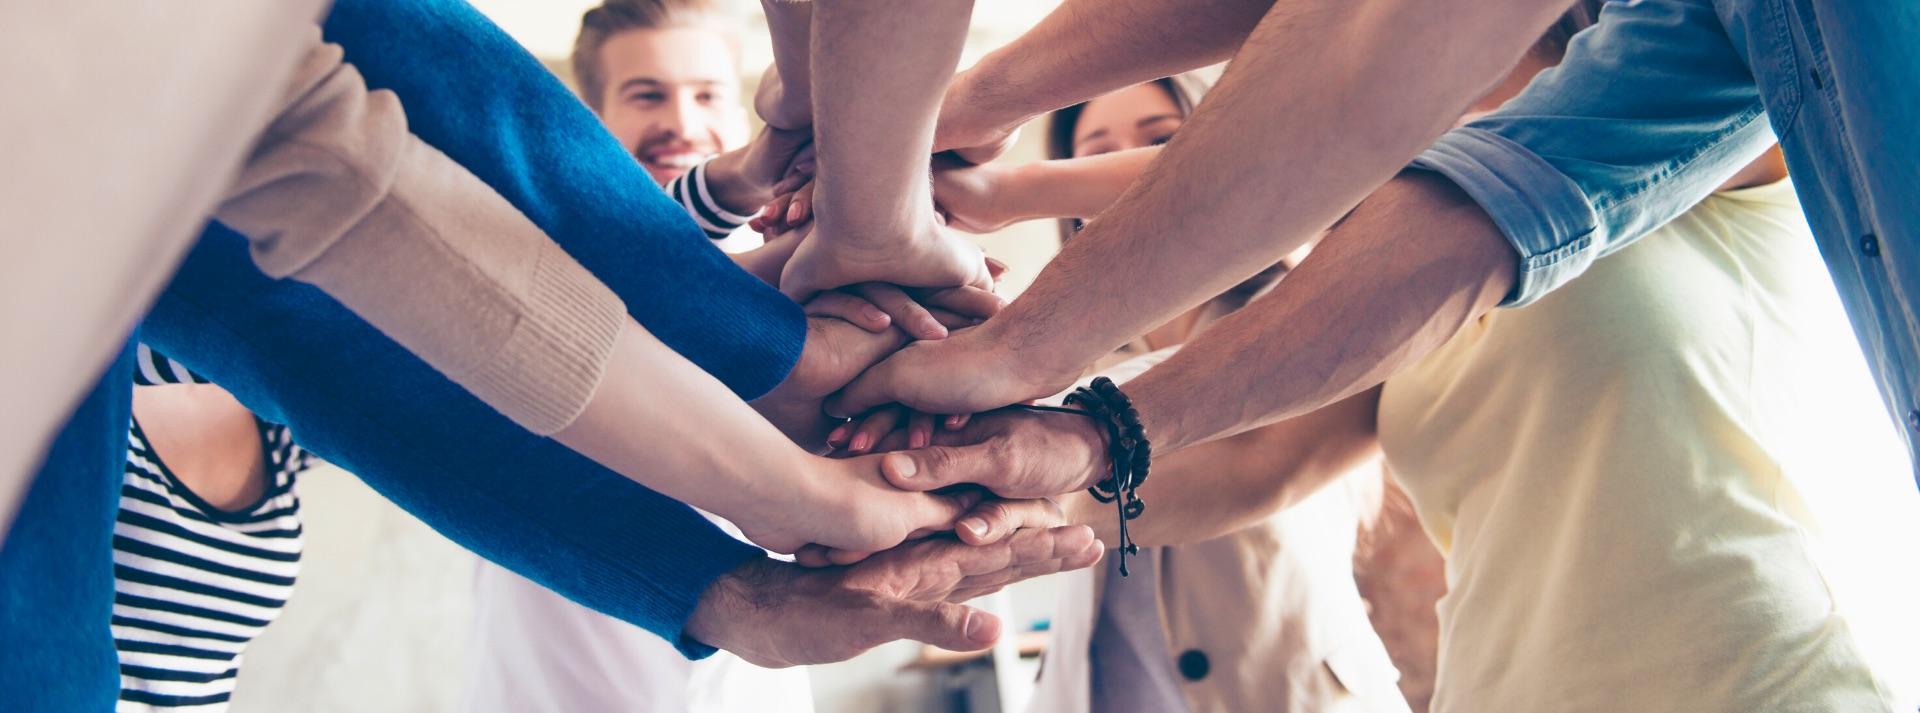 Team-building, Cohésion, Esprit d équipe, Renforcer la cohésion, Ludique, Séminaires, Ludiques, Incentive, Fédérer, Cohésion d équipe, Motiver, Cohésion de groupe, Activité de team building, Rallye, Souder, Travail d équipe, Séminaire d entreprise, Escape game, Activités ludiques, Chasse au trésor, Convivial, Originales, Coaching, Nos team, Murder-party, Énigmes, Travailler ensemble, Événementielle, Activités sportives, Incentives, Nos activités, Renforcer l esprit, Animation team building, Bonne humeur, Dynamique de groupe, Originaux, Insolites, Objectif commun, Intelligence collective, Agence événementielle, Récompenser, Improvisation, Olympiades, Insolite, Cocktail, Chaque équipe, Créatif, Fédérer vos équipes, Construction d une équipe, Chaque membre, Moment convivial, Challenge sportif, Créatifs, Mieux se connaître, Team building entreprise, Événementiel, Sentiment d appartenance, Clé-en-main, Séminaires d entreprise, Animateurs, Chaque participant, Améliorer la cohésion, Entraide, Expérience unique, Renforcer l esprit d équipe, Dégustation, Soirée d entreprise, Pleine nature, Coachs, Team building sportif, Jeu de piste, Organisation de séminaire, Activité des équipes, Culinaire, Séminaire de cohésion, Activité ludique, Organisation d événements, Favoriser la cohésion, Sein de l équipe, Sensations fortes, Développer la cohésion, Activités de cohésion, Indoor, Dépassement, Gestion du stress, Collaboratif, Culinaires, Soirées d entreprise, Souder les équipes, Organiser un séminaire, Multi-activités, Traiteur, Leadership, Fédérateur, Développer l esprit d équipe, Travailler en équipe, Séminaire d équipe, Souder une équipe, Fédérer votre équipe, Collectives, Collaborer, Objectif du séminaire, Chasses, Fédérer une équipe, Séminaire de motivation, Prestataires, Synergie, Collaborateur, Votre budget, Réalité virtuelle, Quiz, Resserrer, Resserrer les liens, Fédérer les équipes, Organisateur, Développer la cohésion d équipe, Cours de cuisine, But de ce séminaire, Surpass